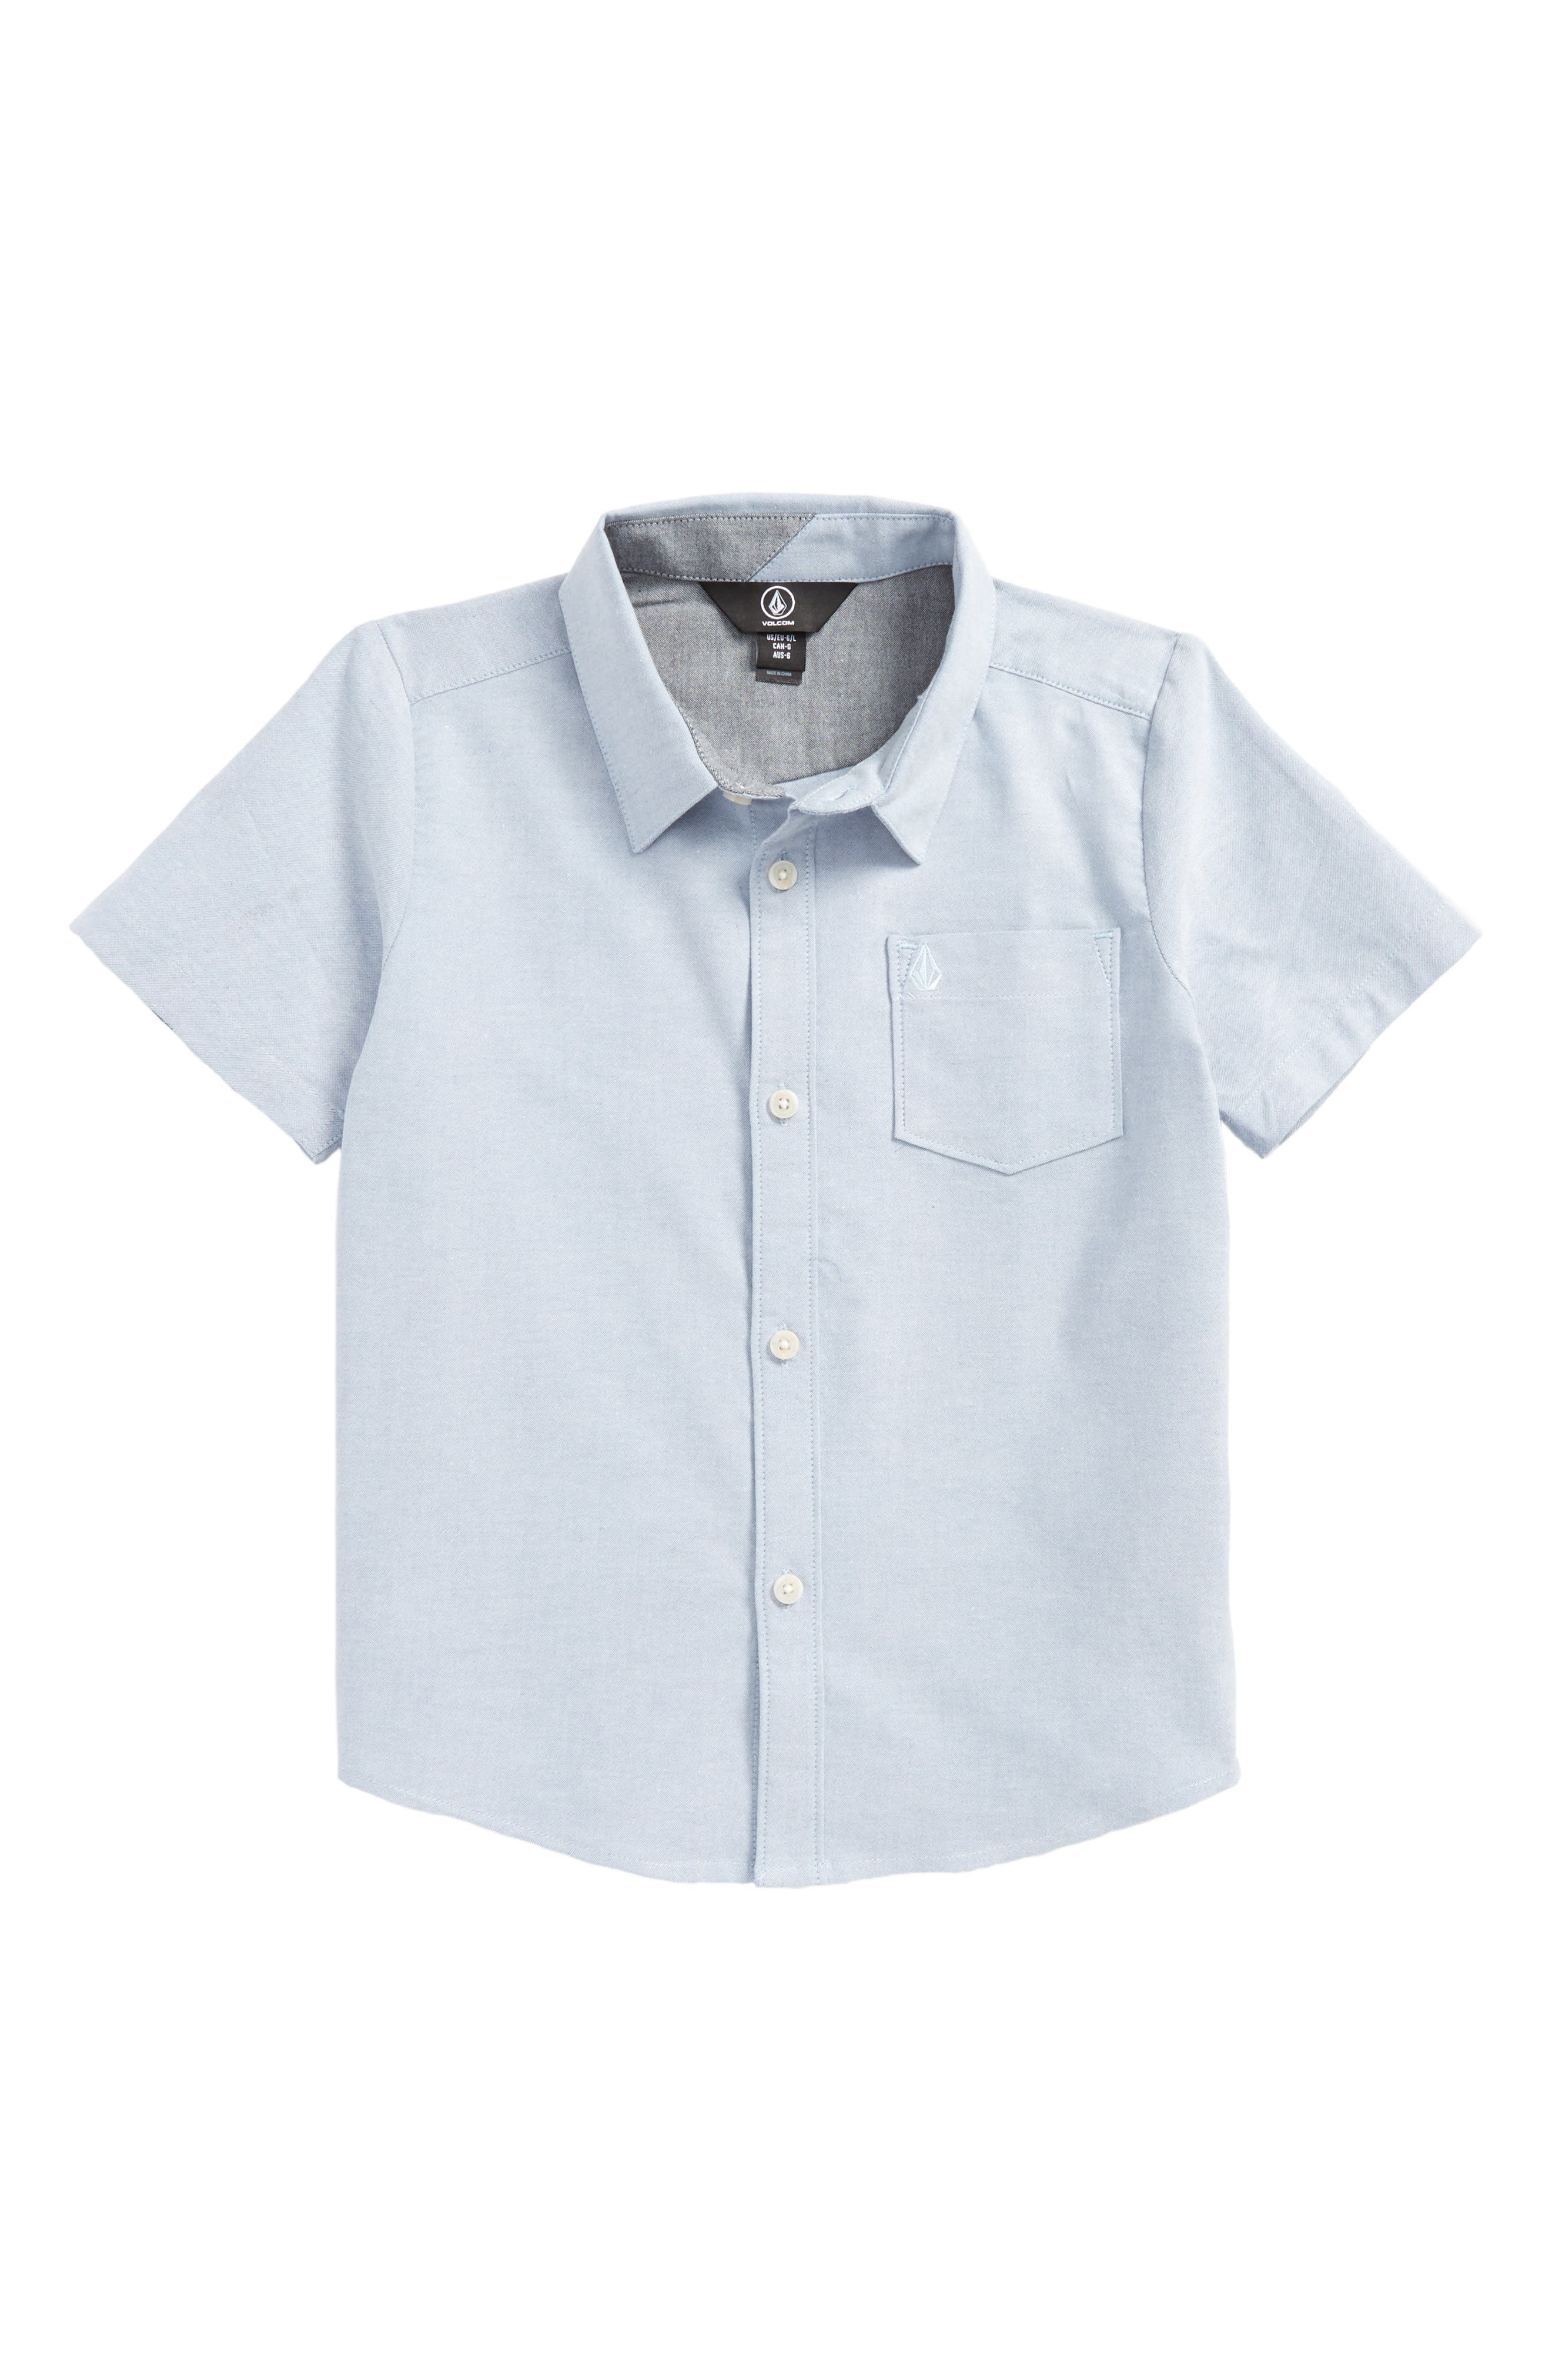 Everett Oxford Woven Shirt,                             Main thumbnail 1, color,                             Wrecked Indigo